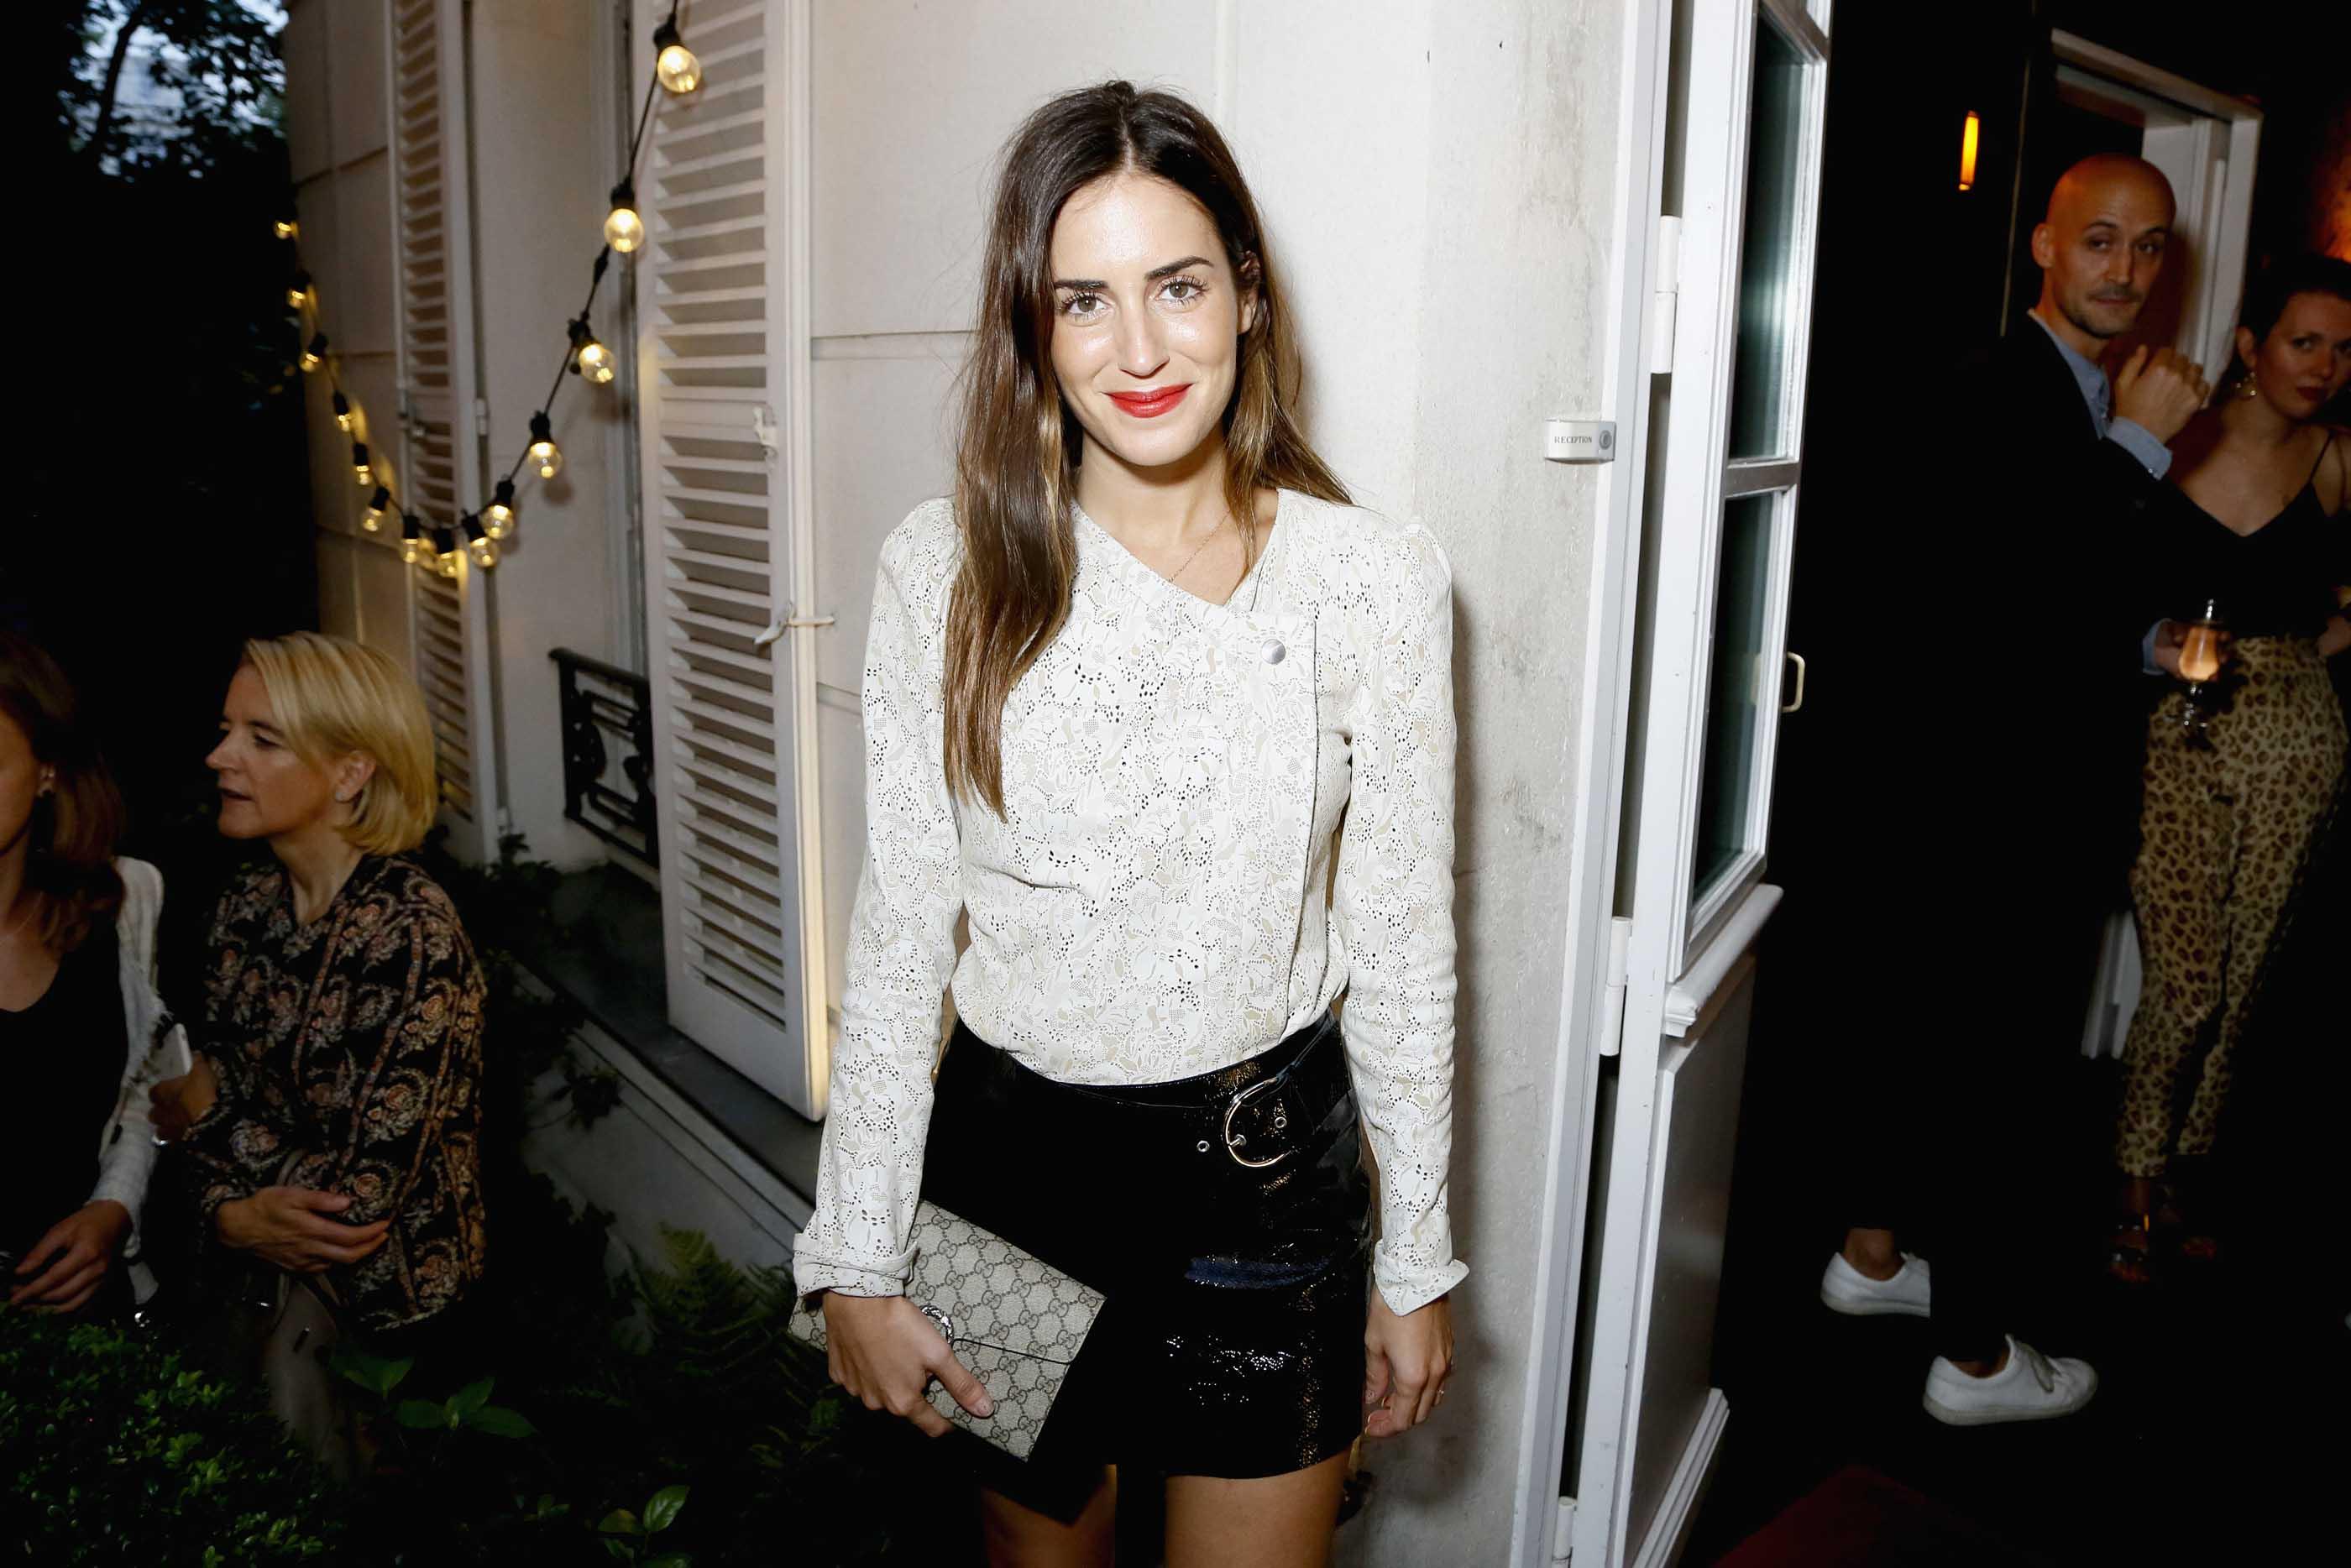 Gala Gonzalez attends Isabel Marant X mytheresa